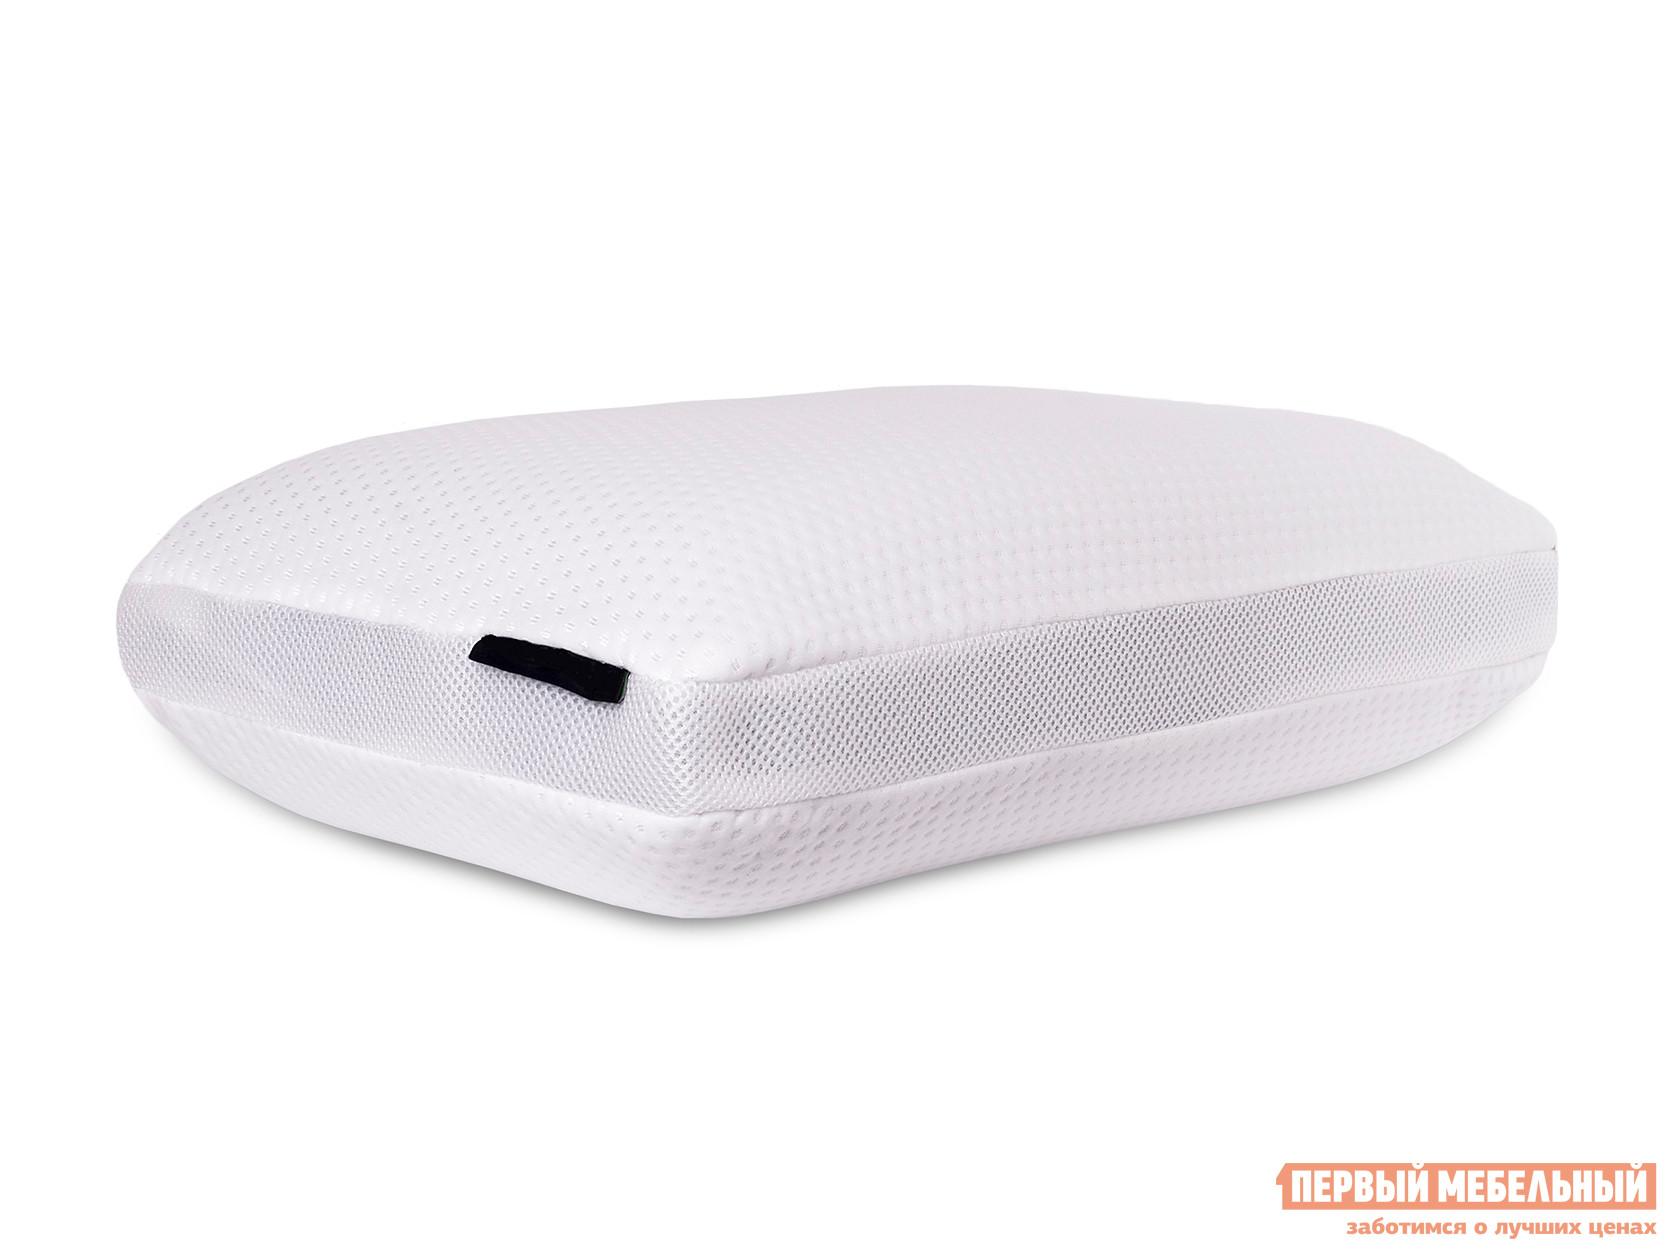 Подушка Первый Мебельный IQ Comfort M/L подушка ортопедическая iq vita l